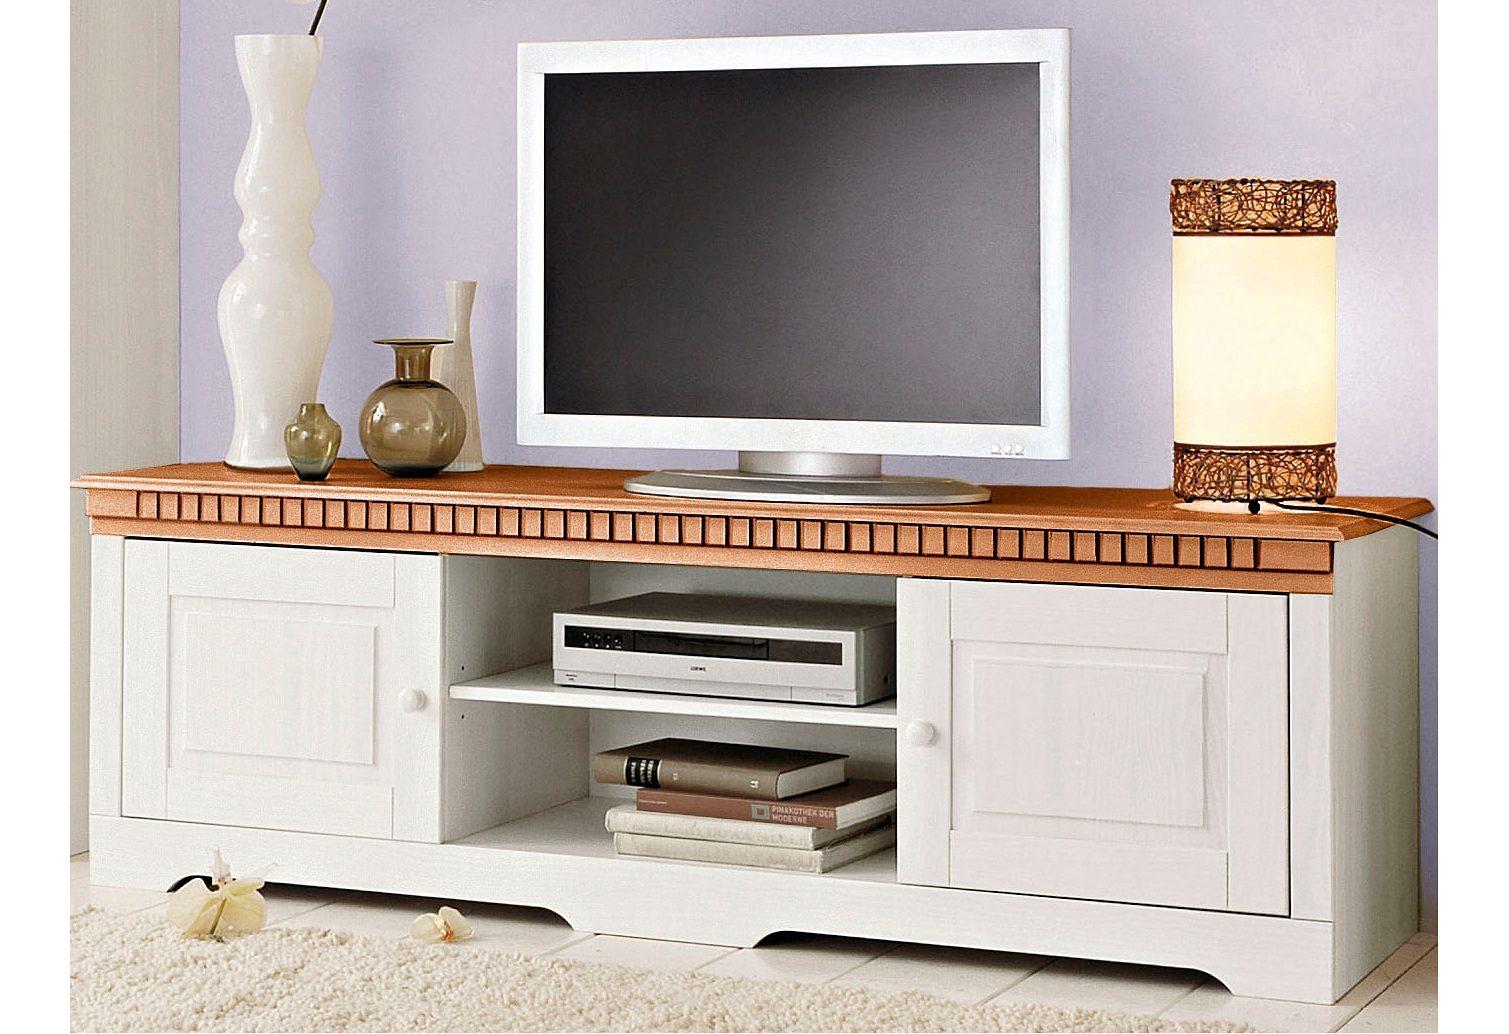 TV-Lowboard Home affaire Breite 175 cm Belastbarkeit bis 50 kg